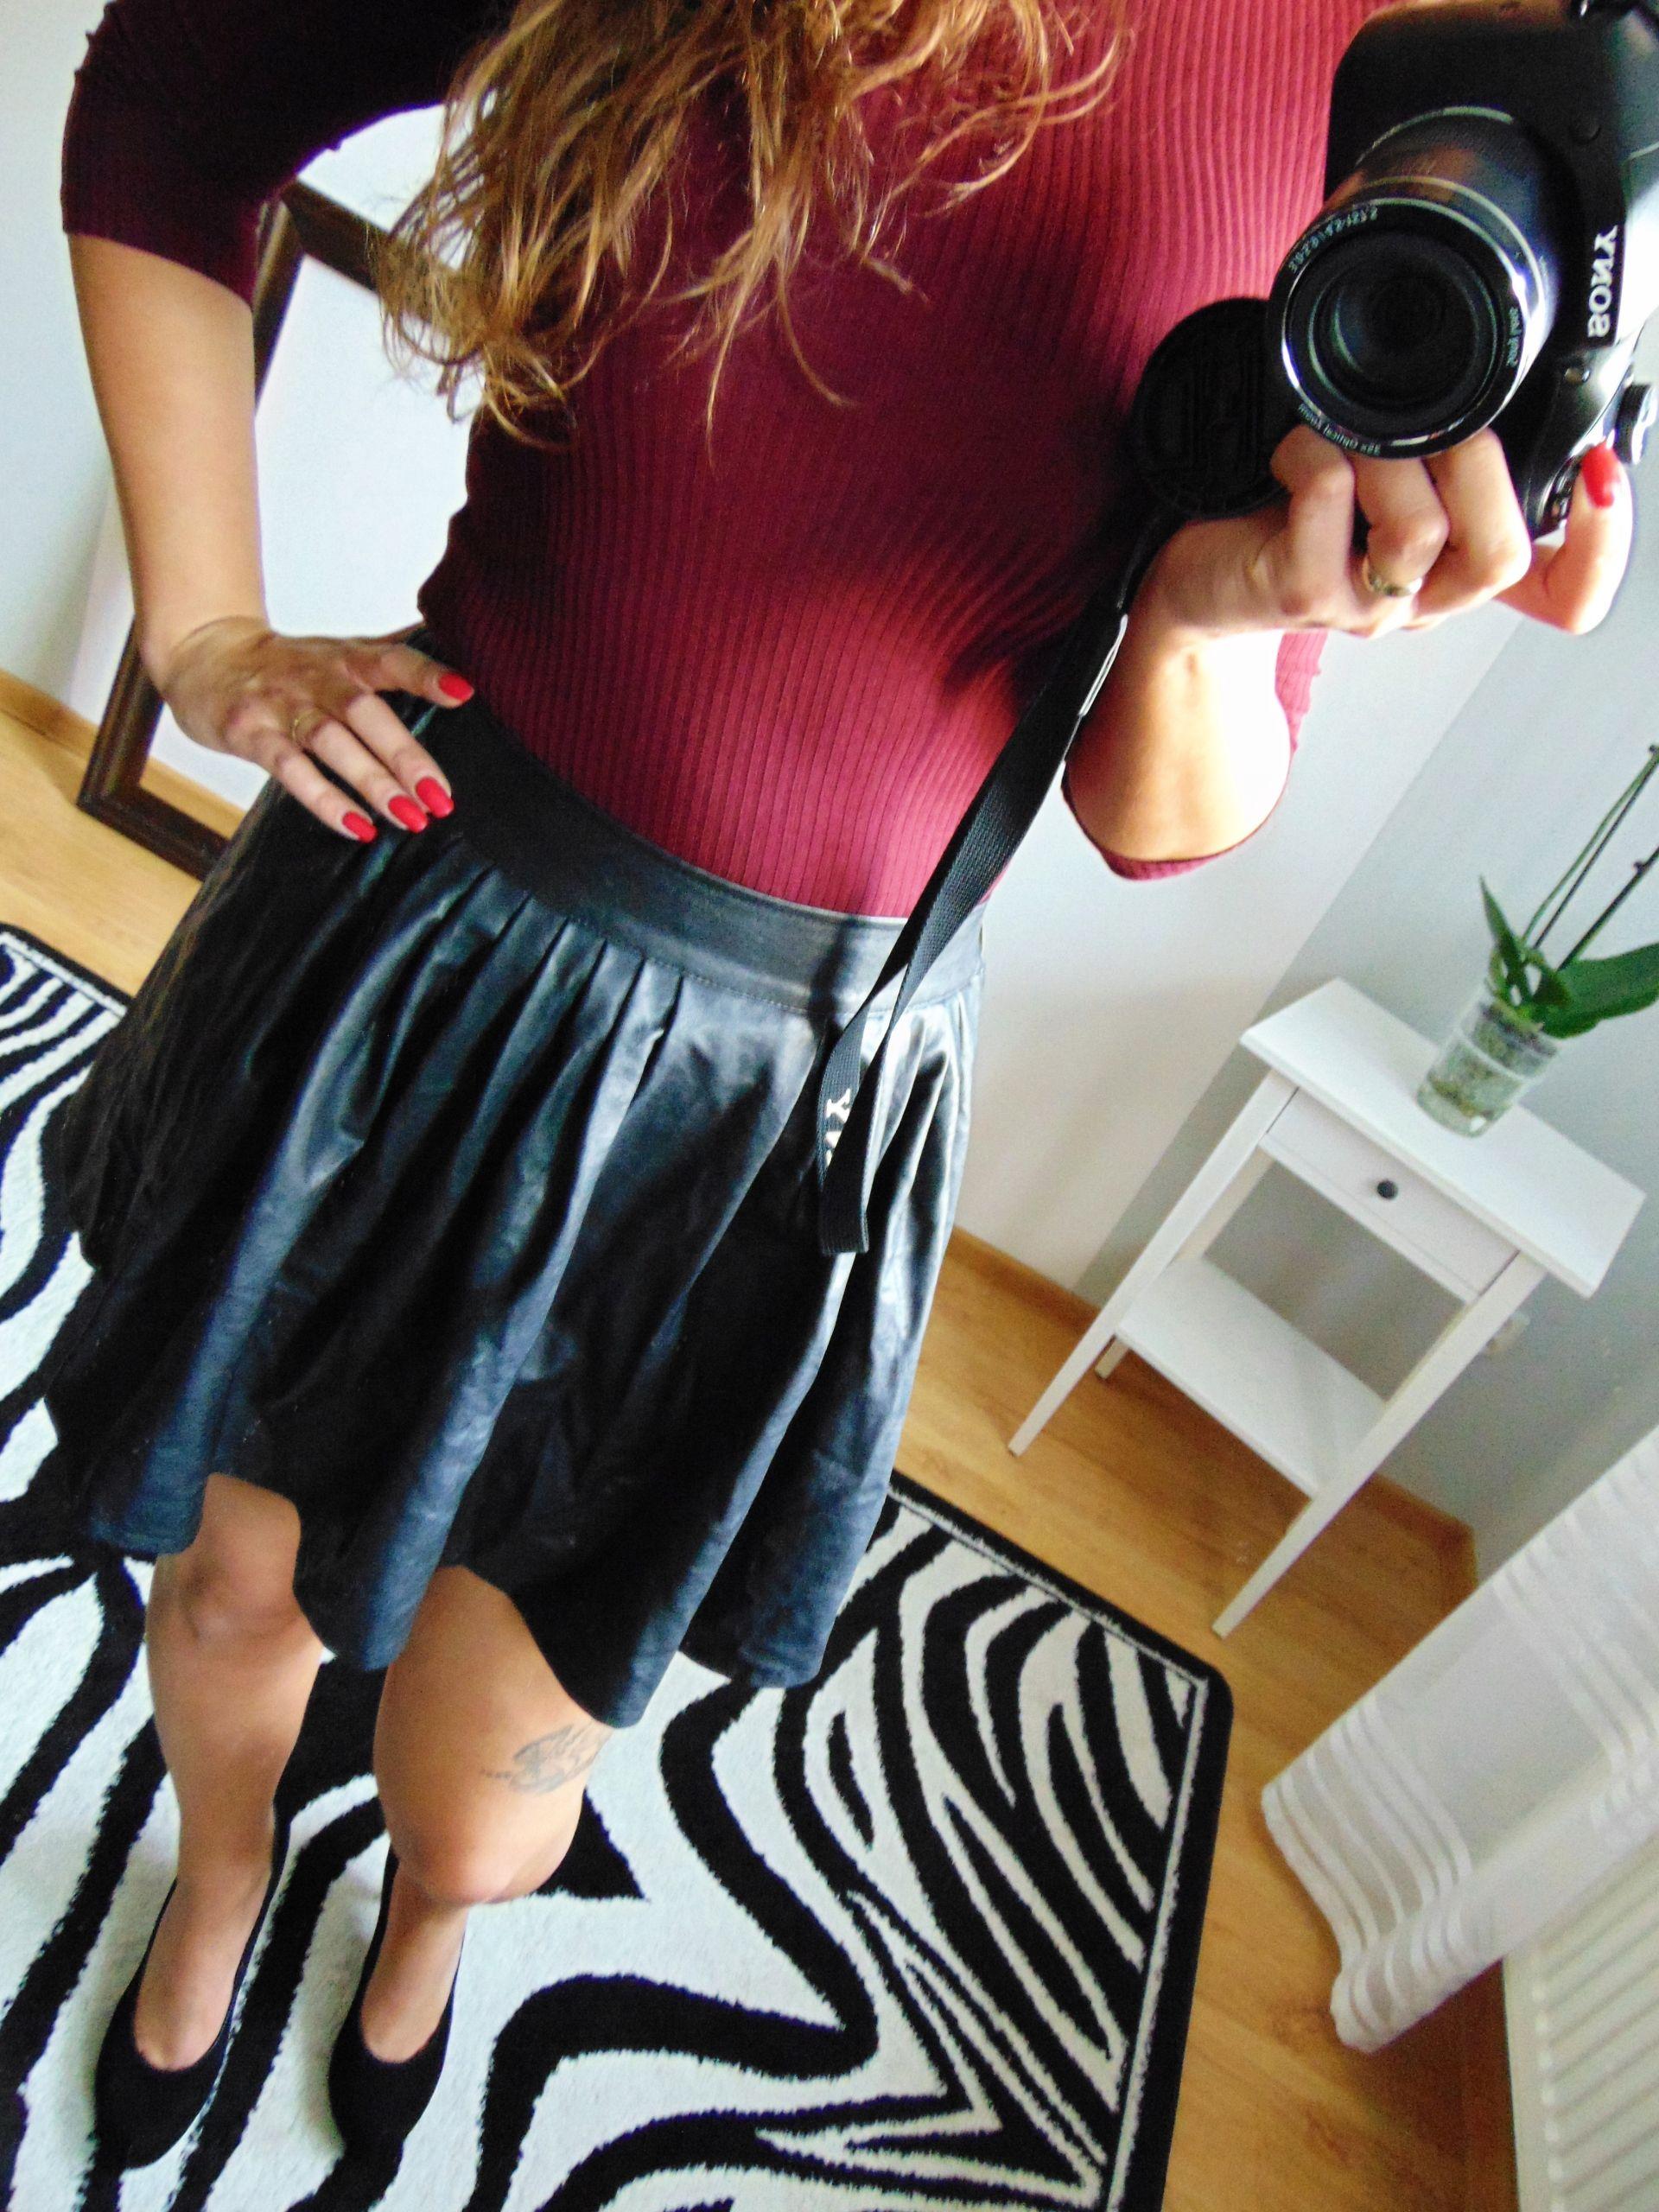 Skorzana Rozkloszowana Spodnica 38 M 7606807276 Oficjalne Archiwum Allegro Fashion Skirts Skater Skirt